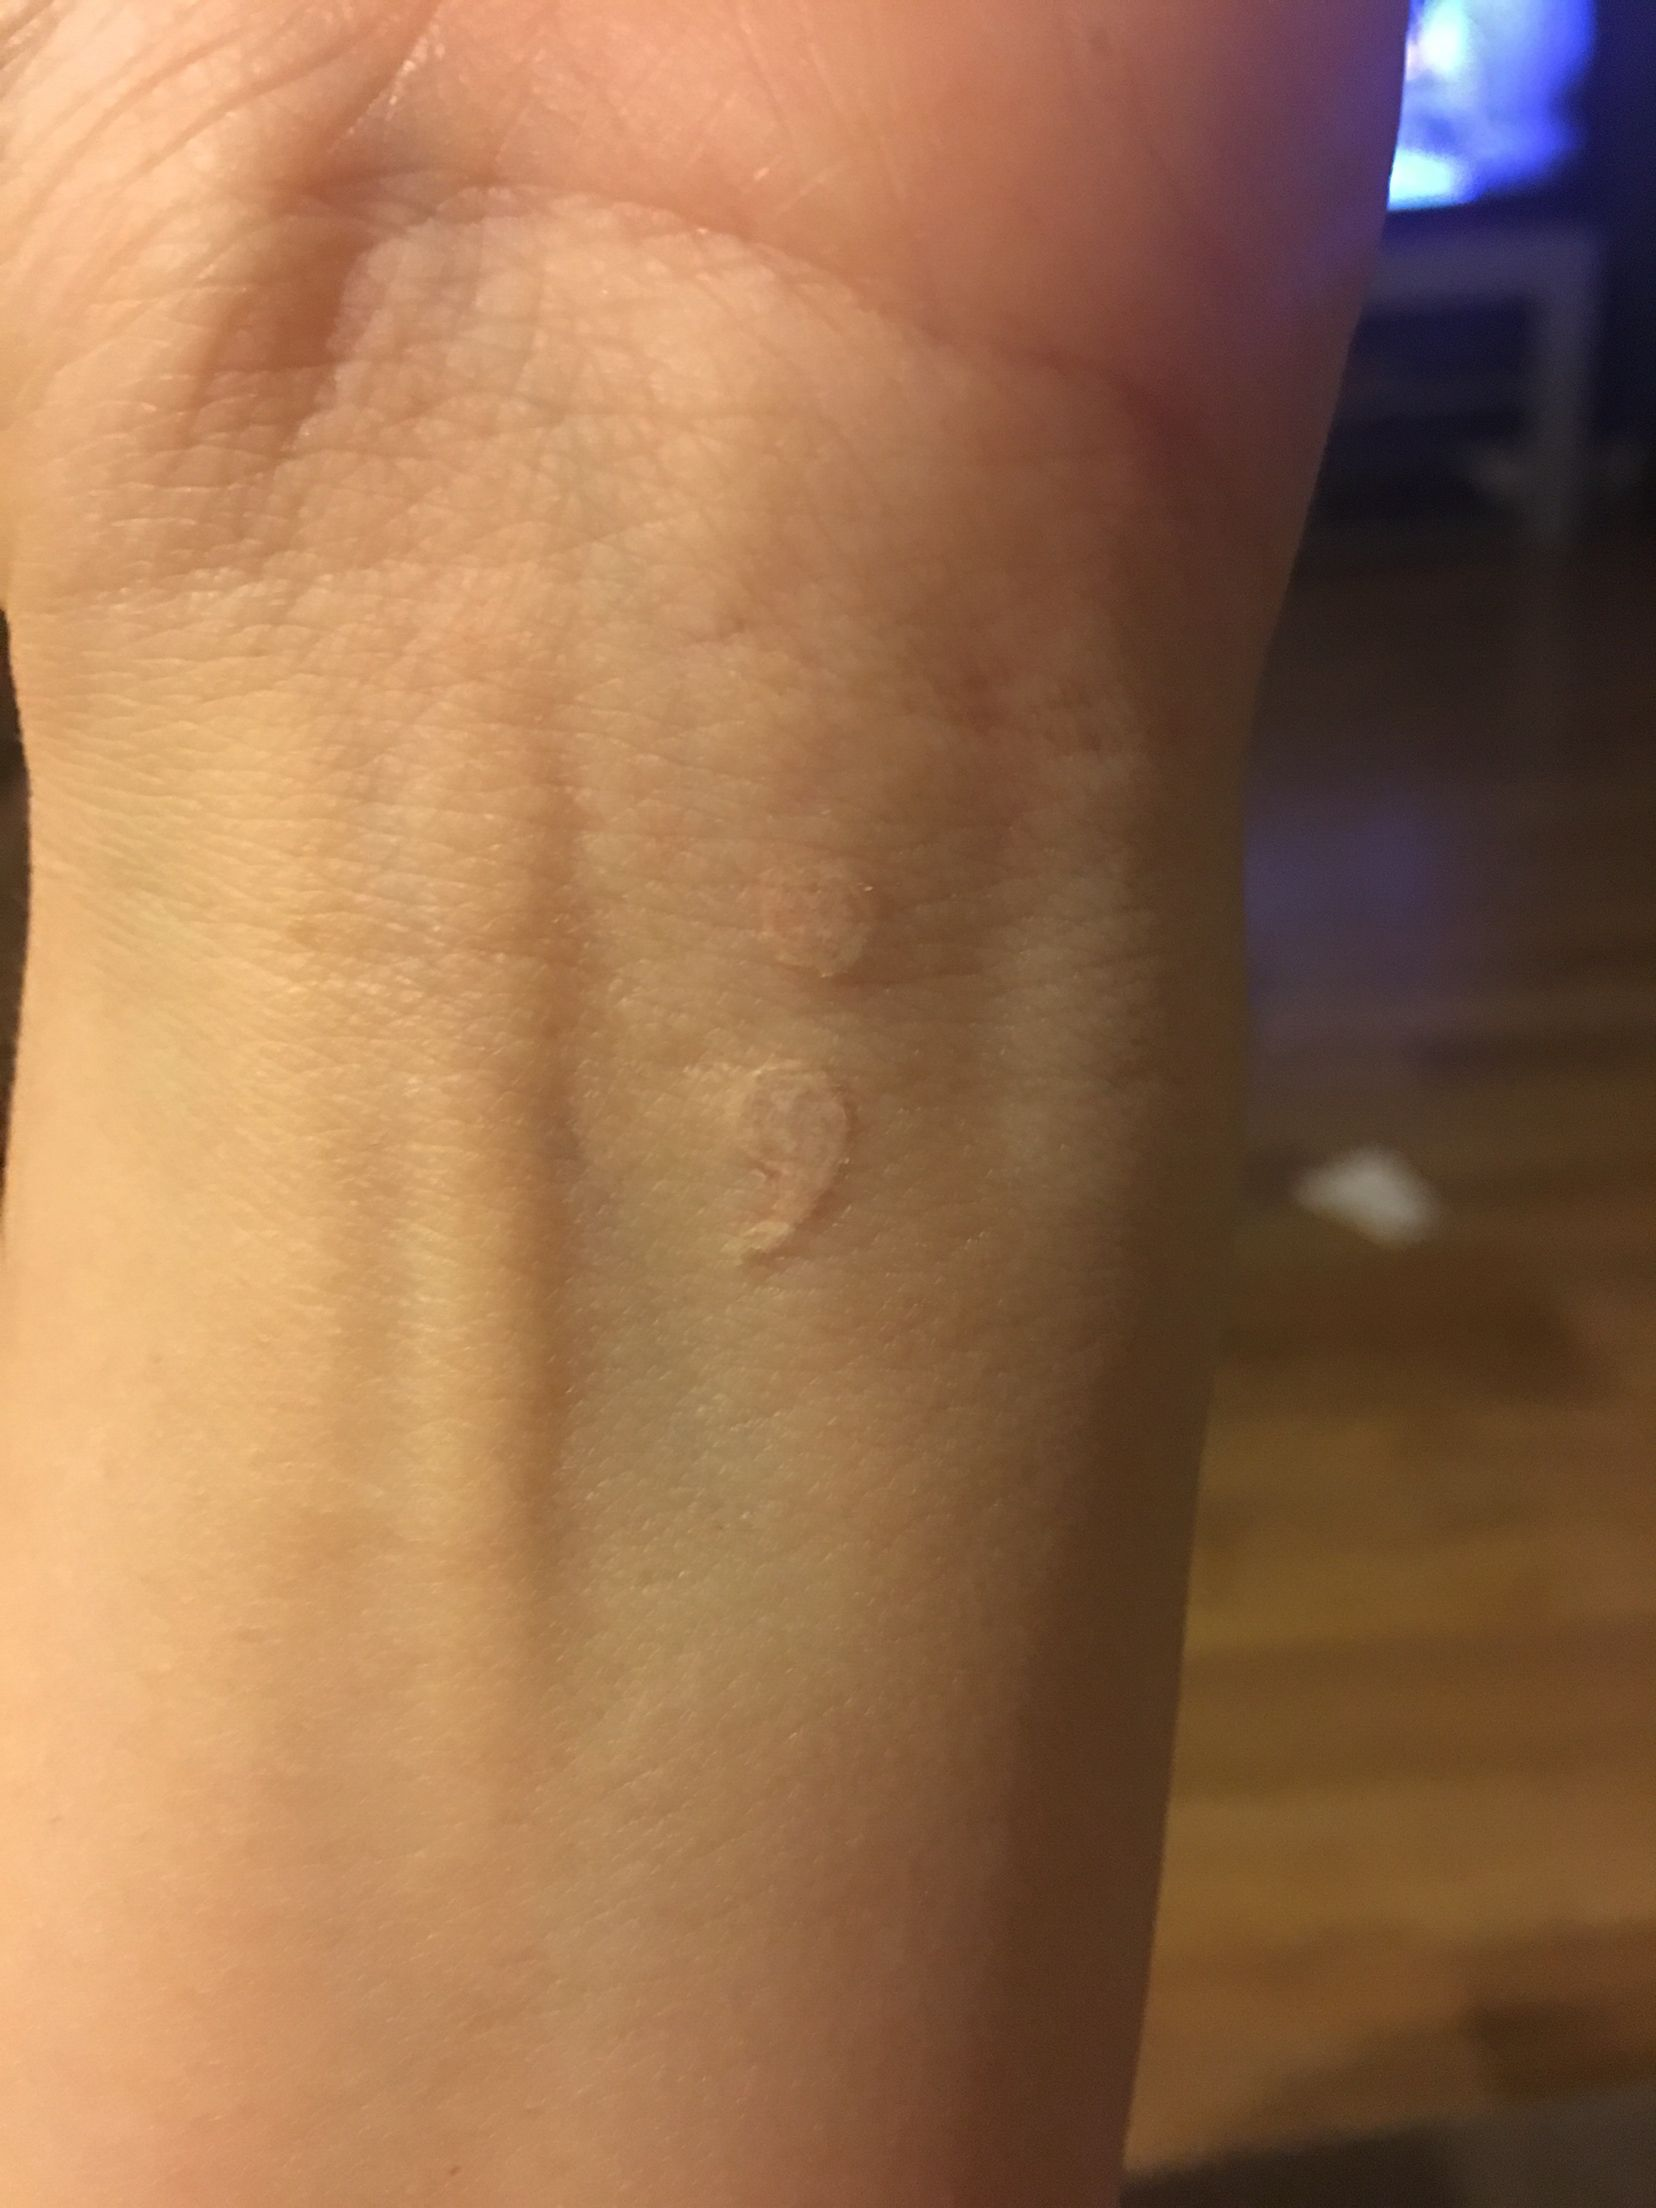 White semi-colon tattoo                                                                                                                                                                                 More